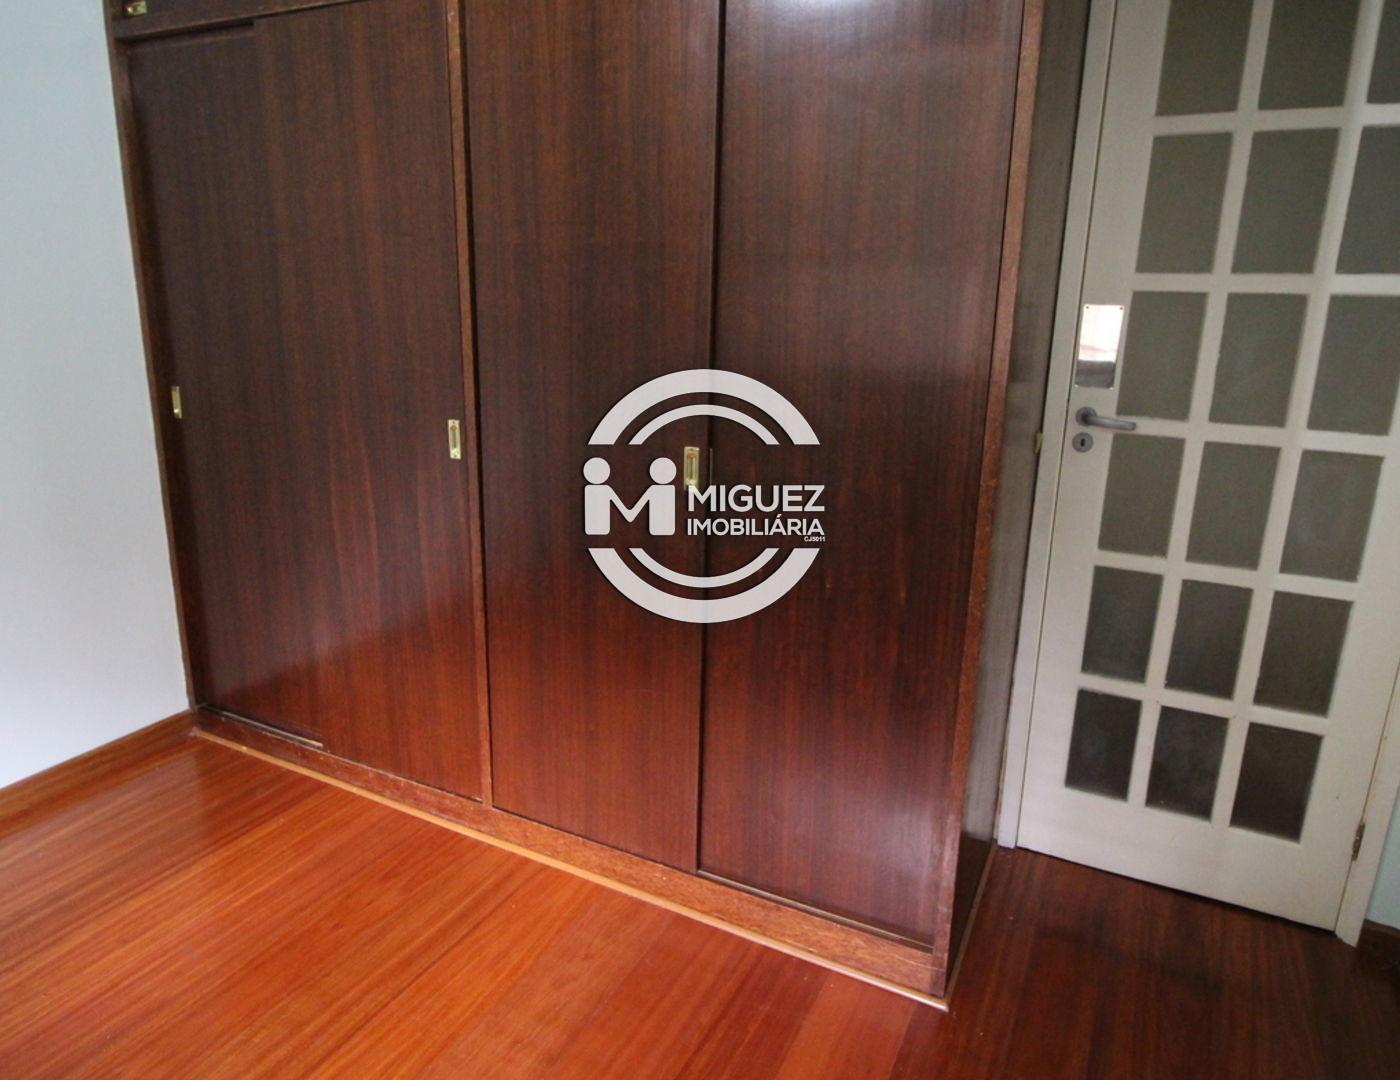 Apartamento, aluguel, Rua Maria Amália - Tijuca , Rio de janeiro